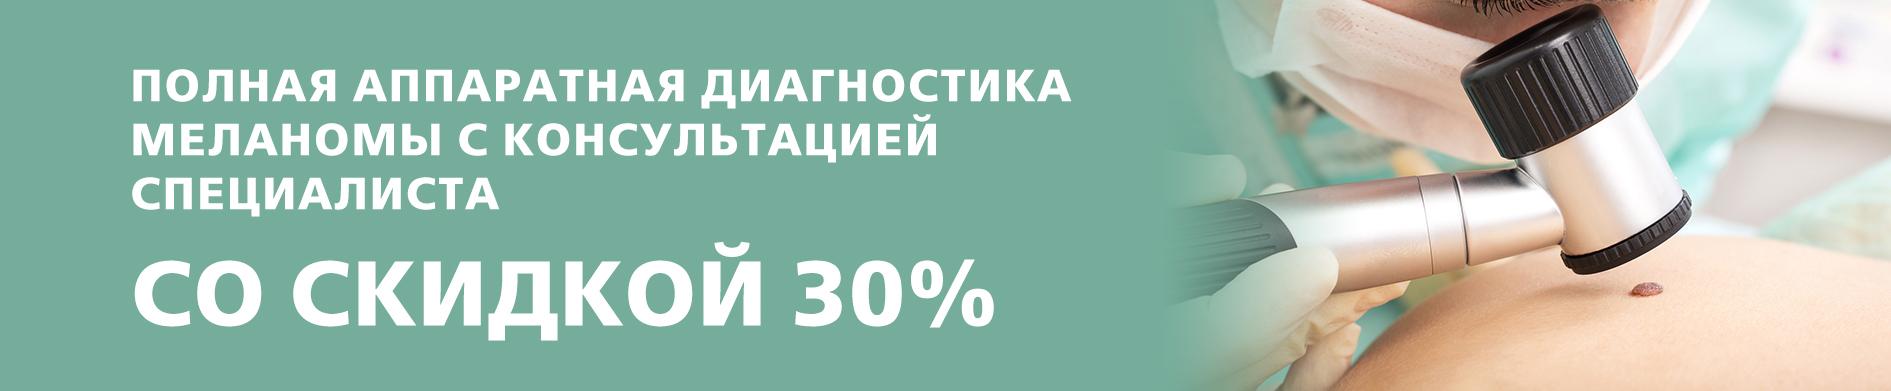 Диагностика меланомы и консультация специалиста со скидкой 30%